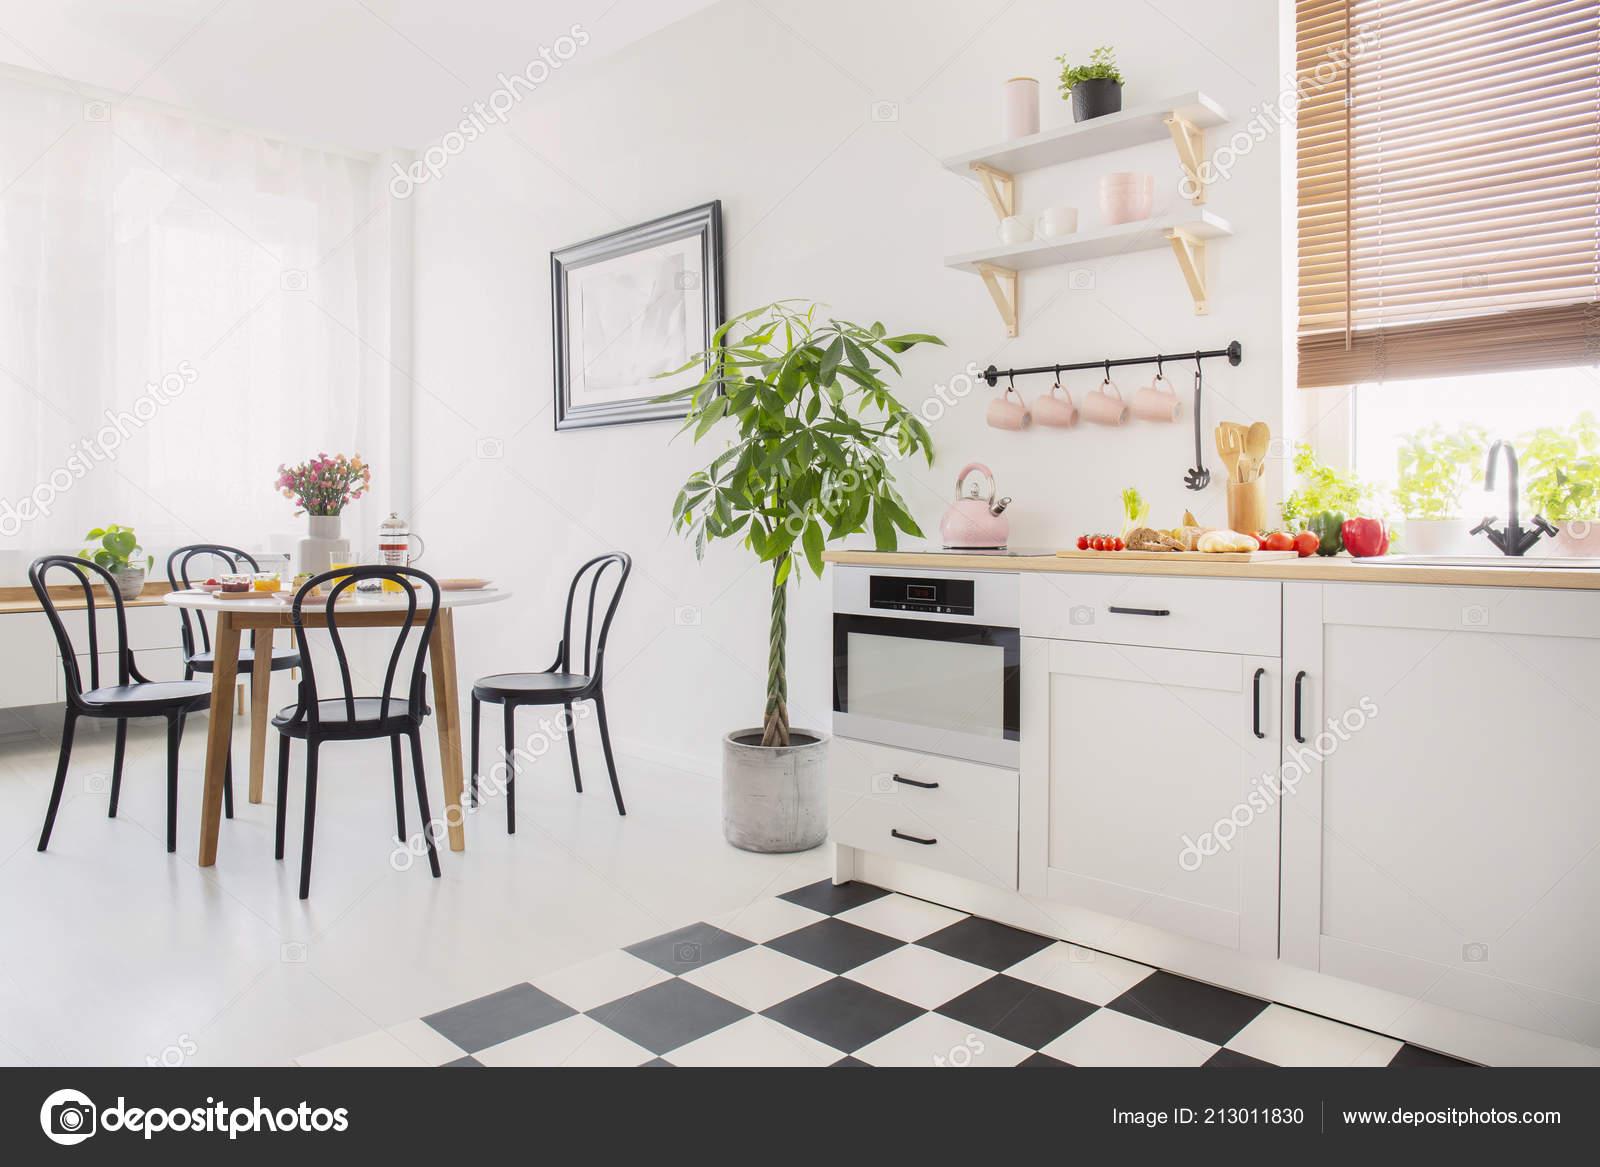 small kitchen table set chalkboard for wall 餐桌上的黑色椅子上有白色扁平的花朵旁边是小厨房的植物真实照片 图库 餐桌上的黑色椅子上有白色扁平的花朵旁边是小厨房的